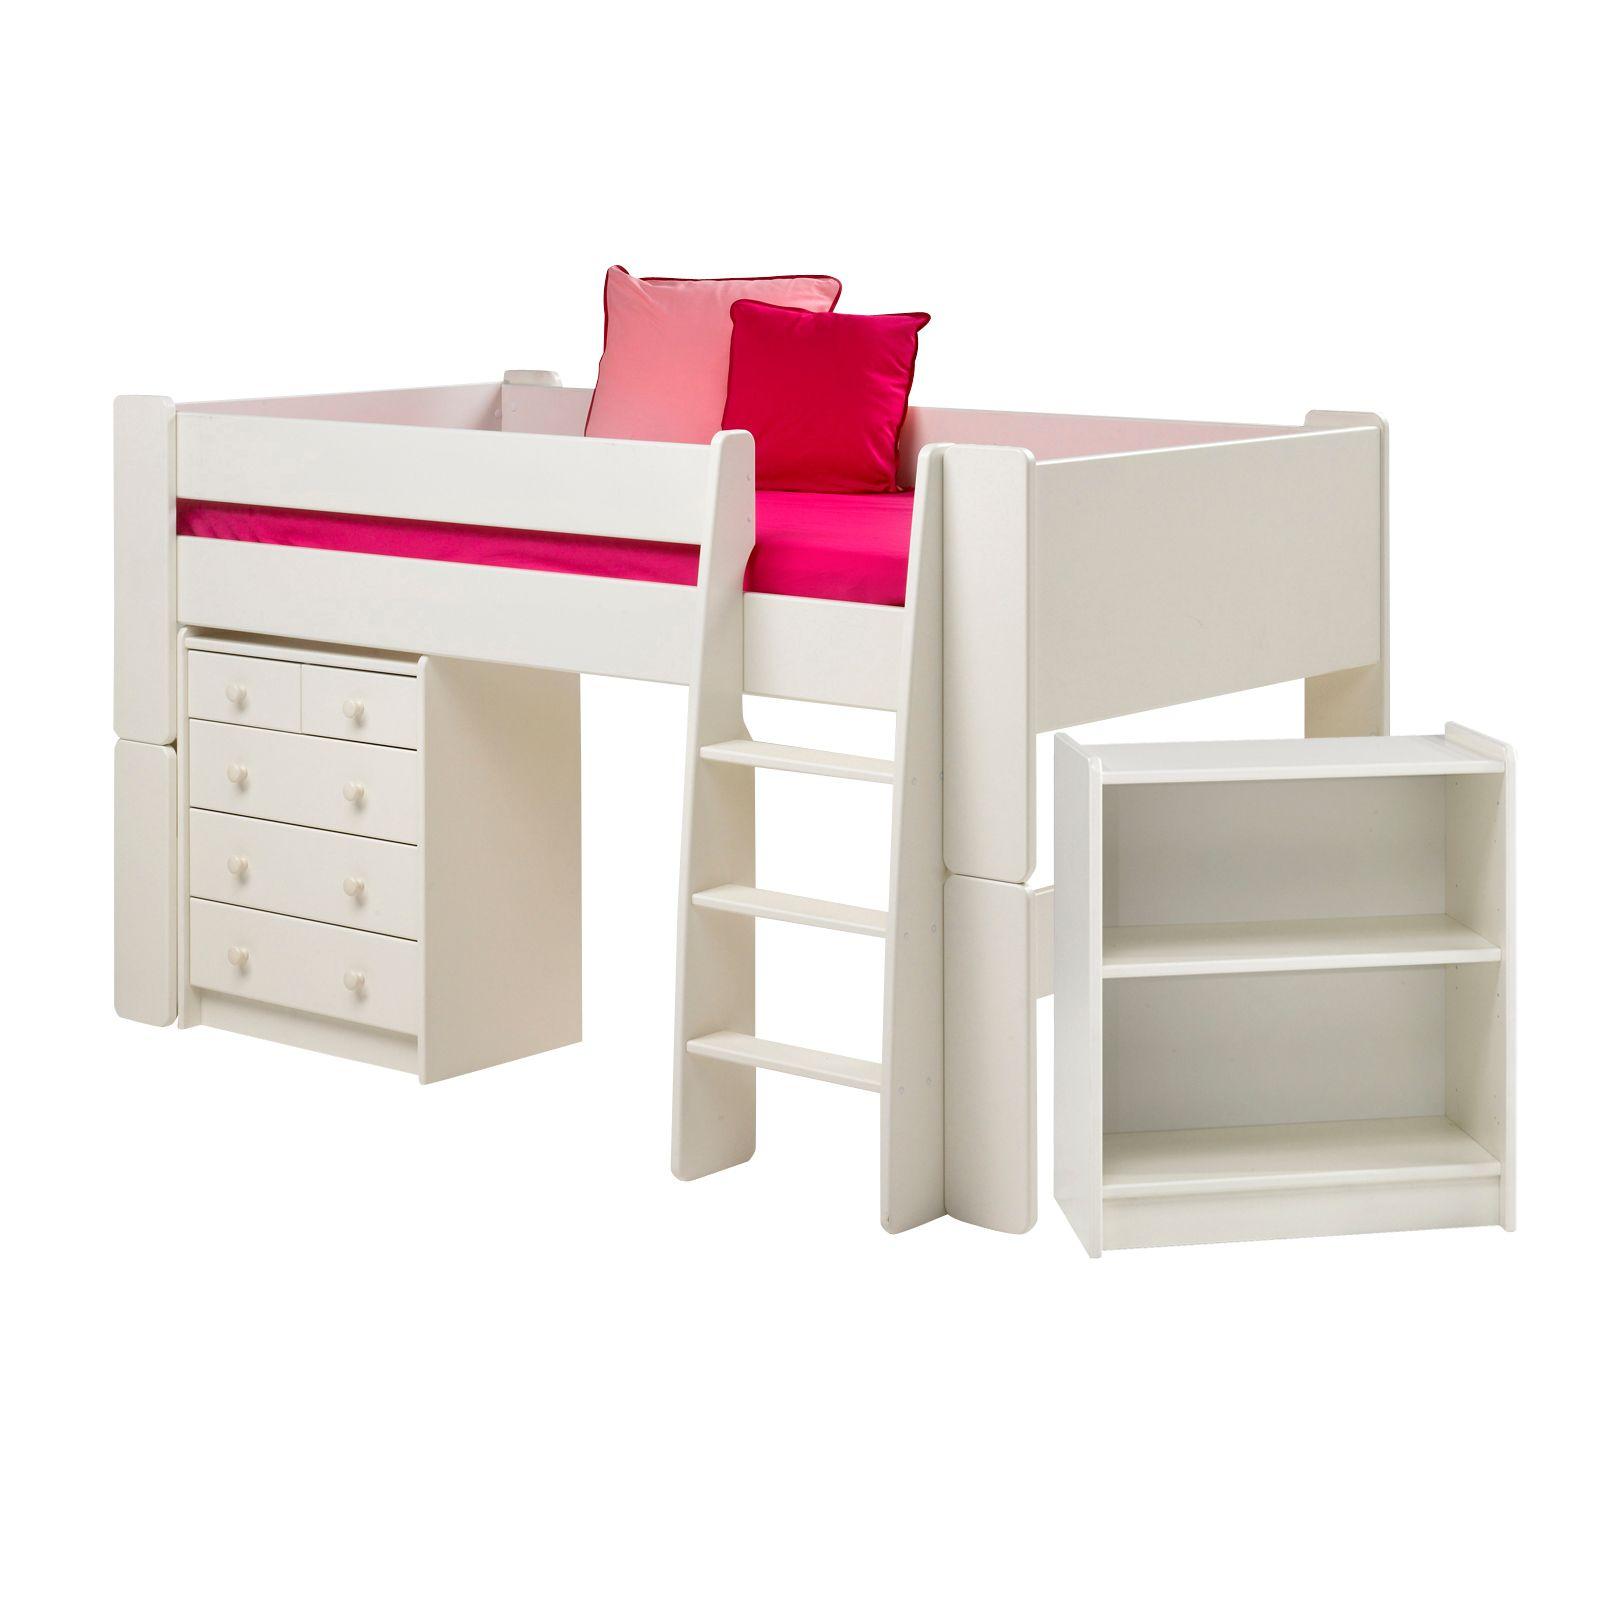 childrens furniture childrenu0027s furniture sets ATTZKPB